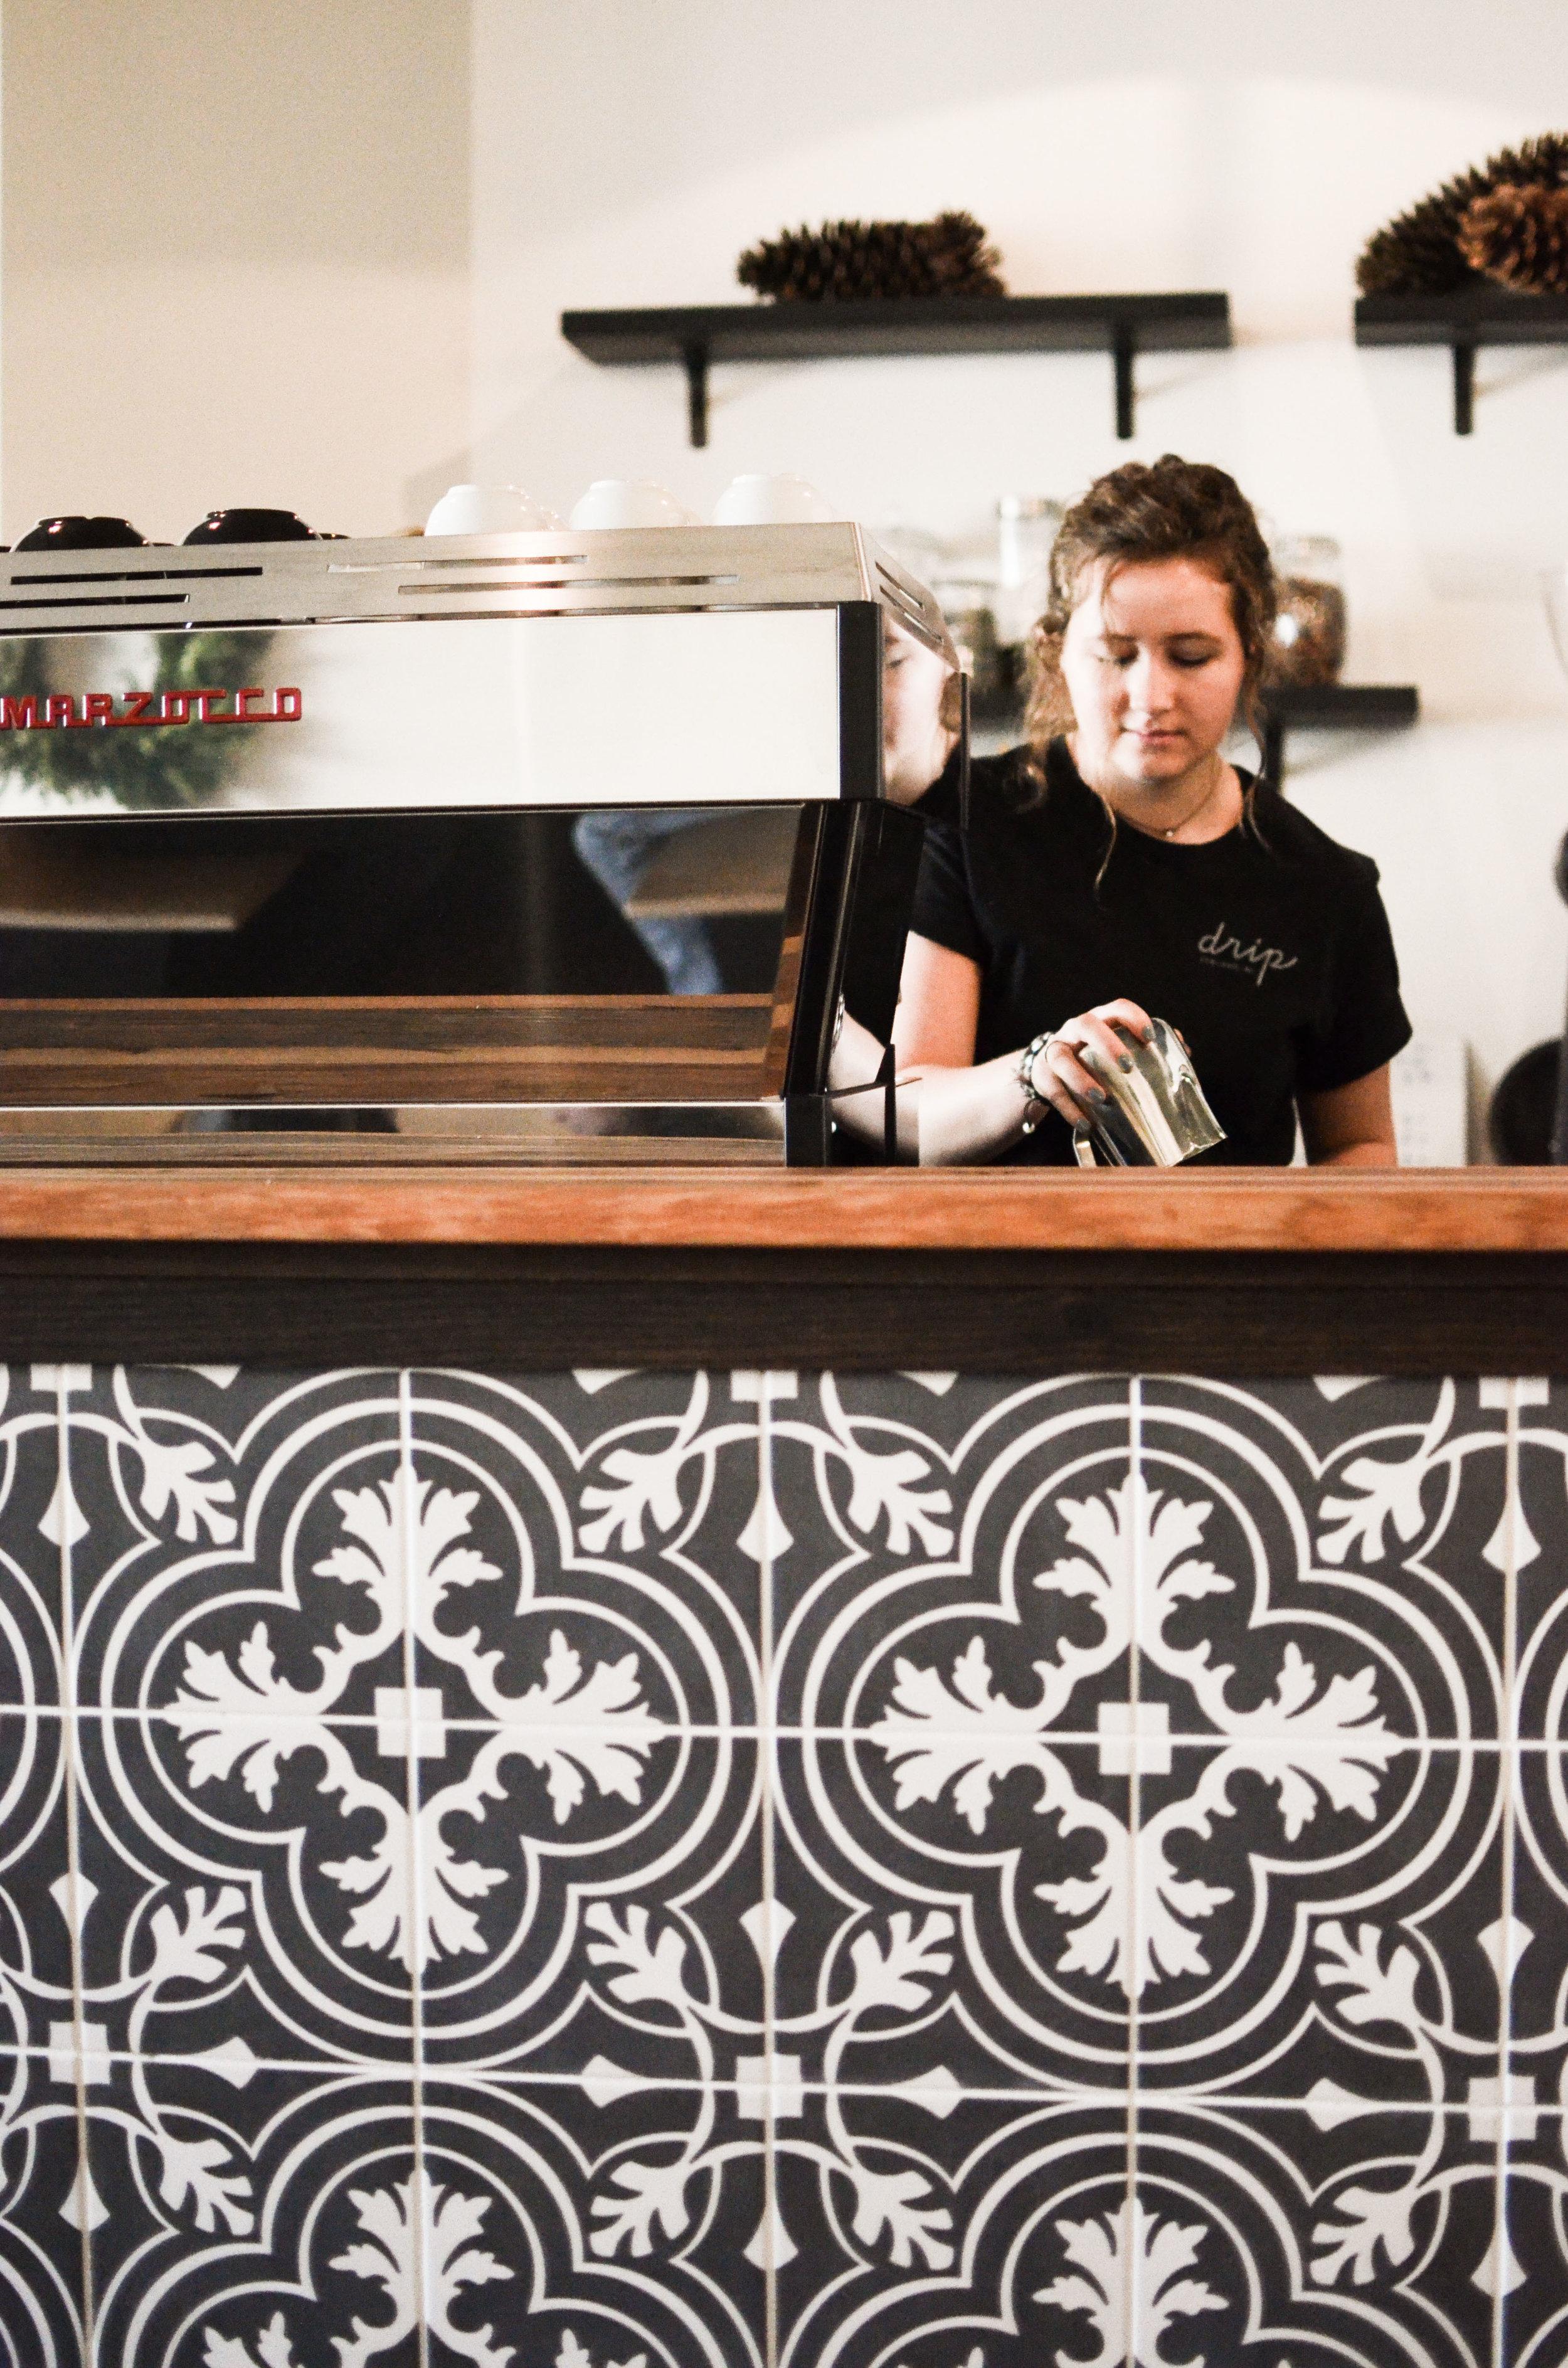 Wendling_Boyd_Drip_Coffee_Holland_Michigan_Coffee_Culture-11.jpg